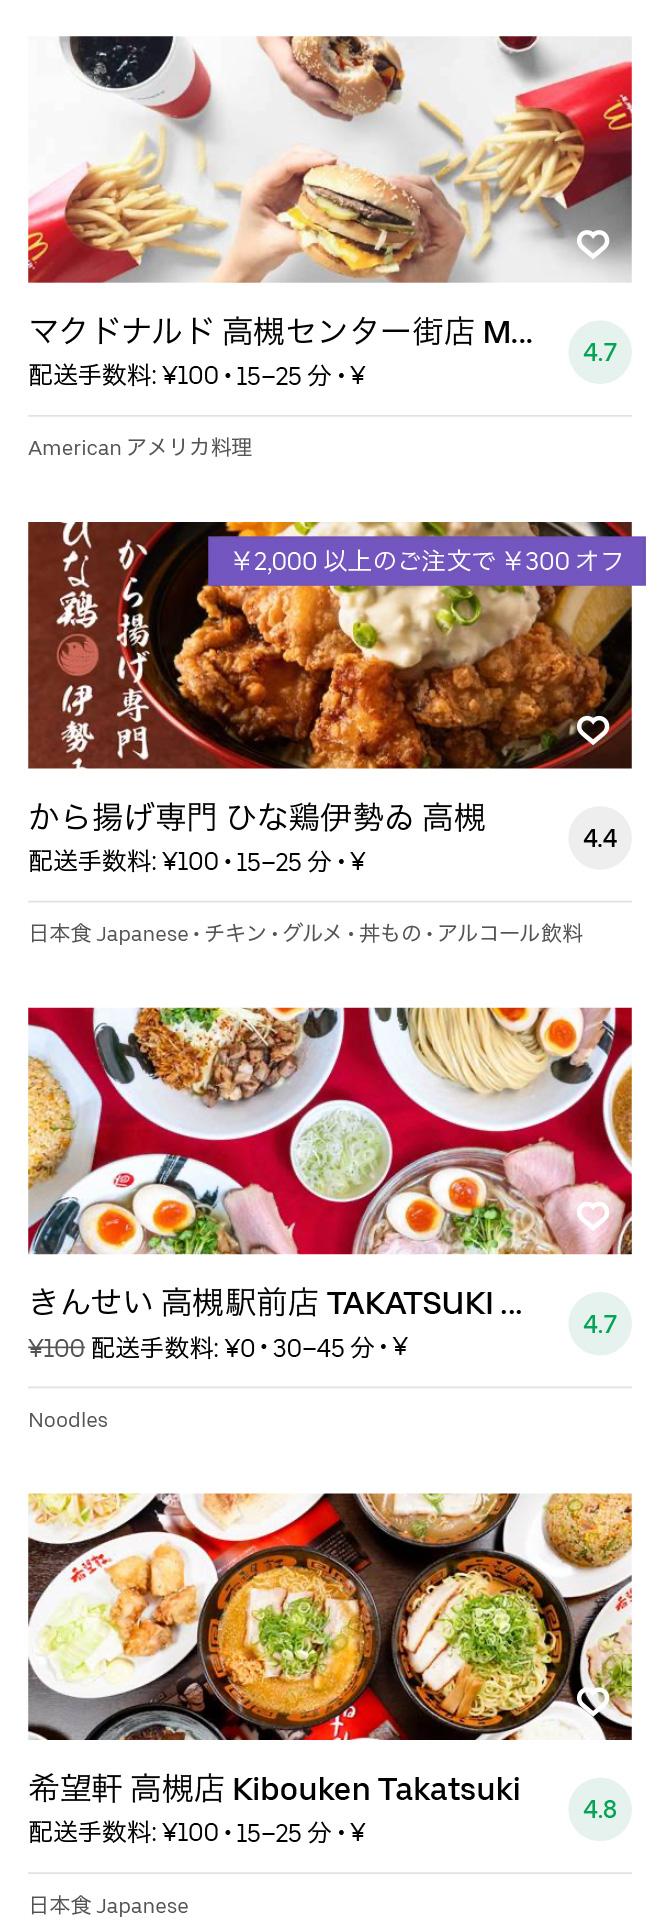 Takatsuki menu 2008 09